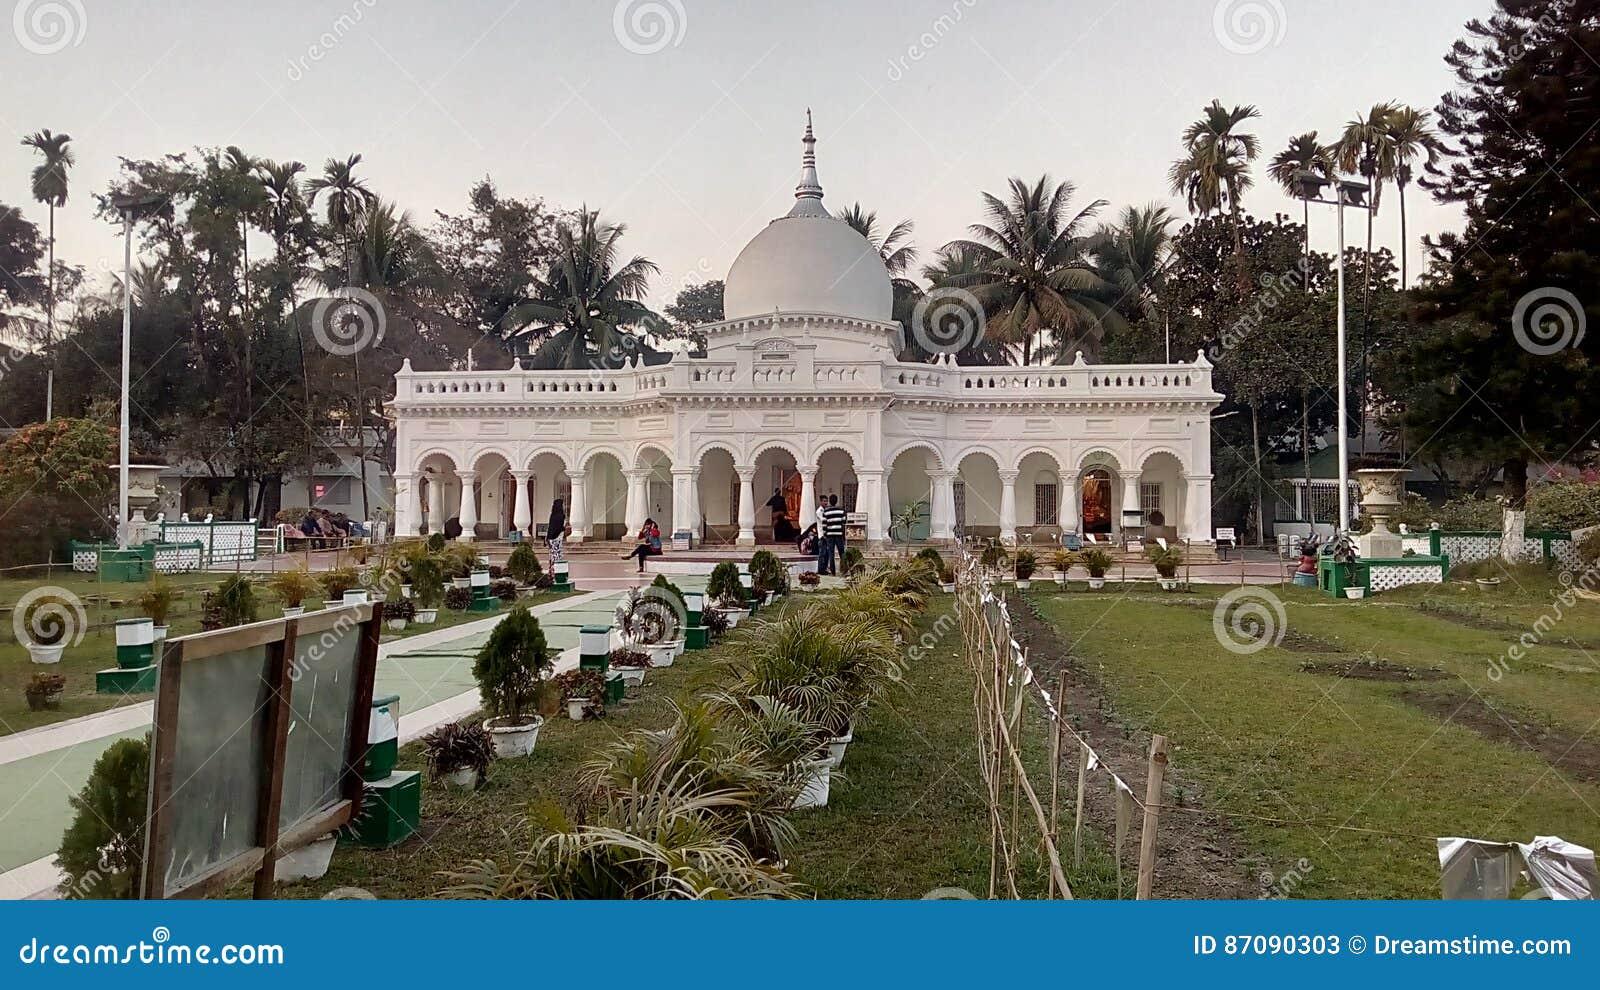 Ένας χαρακτηριστικός ναός στην Ινδία